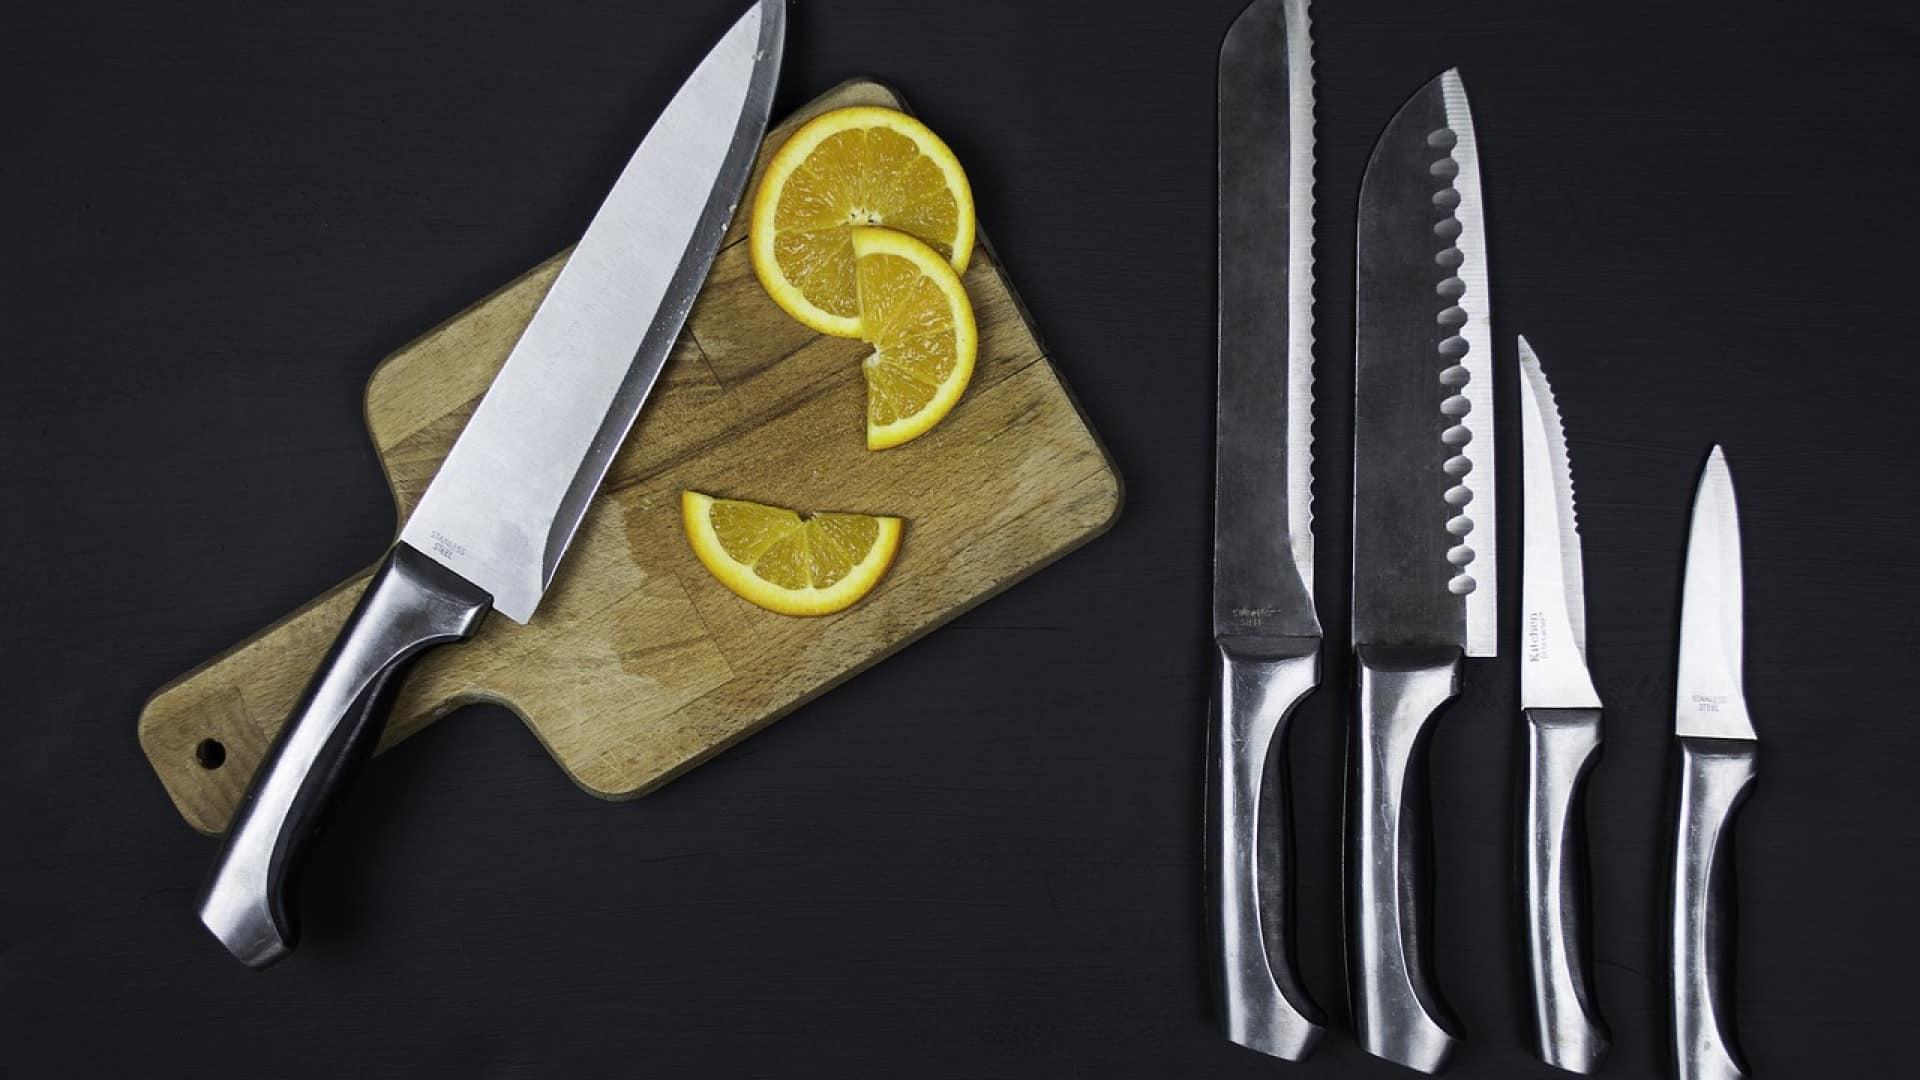 Quelques conseils avant d'acheter des couteaux de table et pour en prendre soin